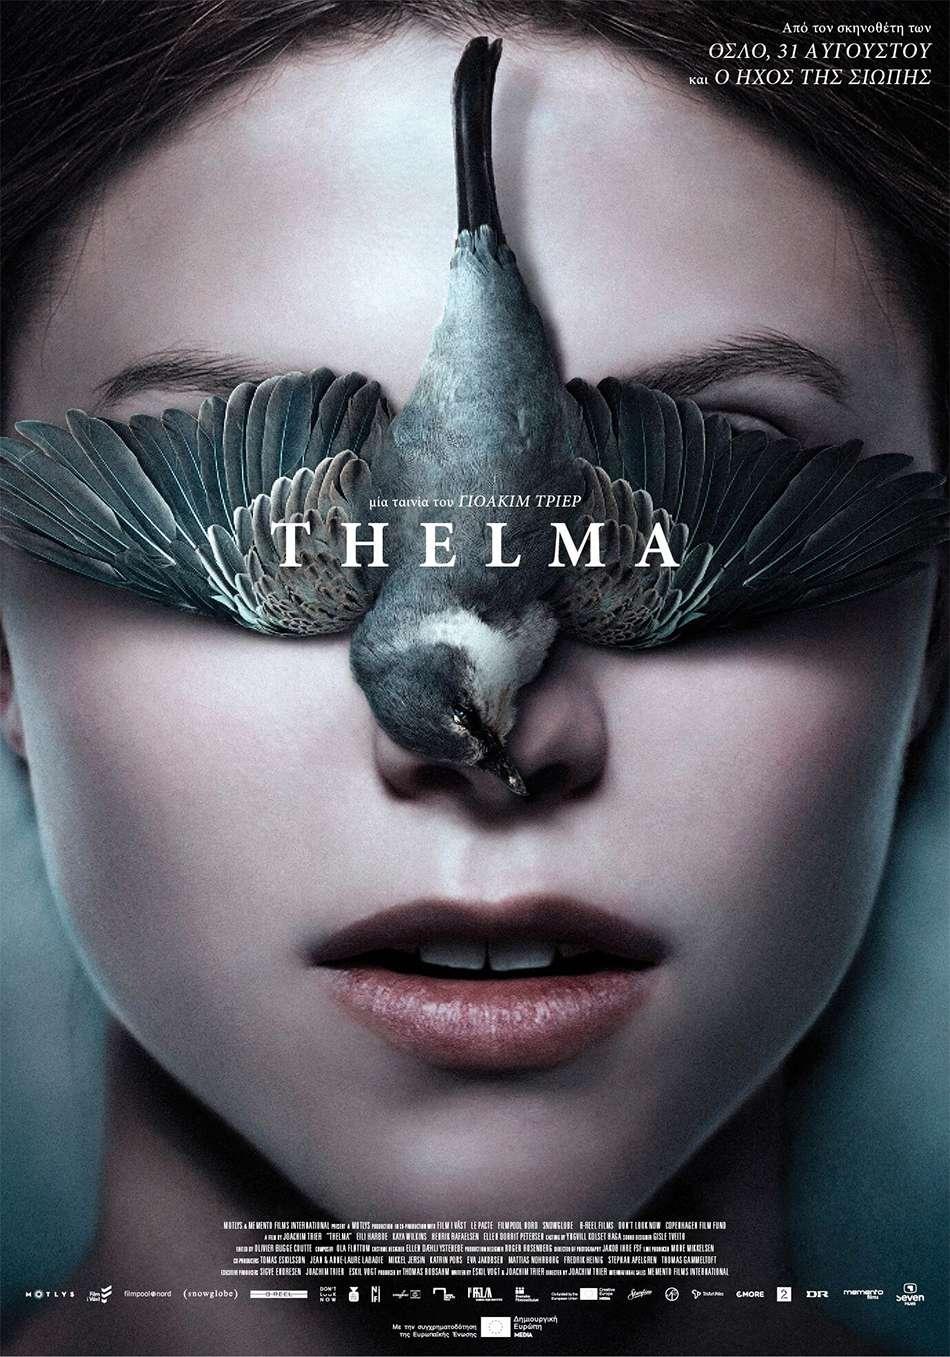 Thelma Poster Πόστερ